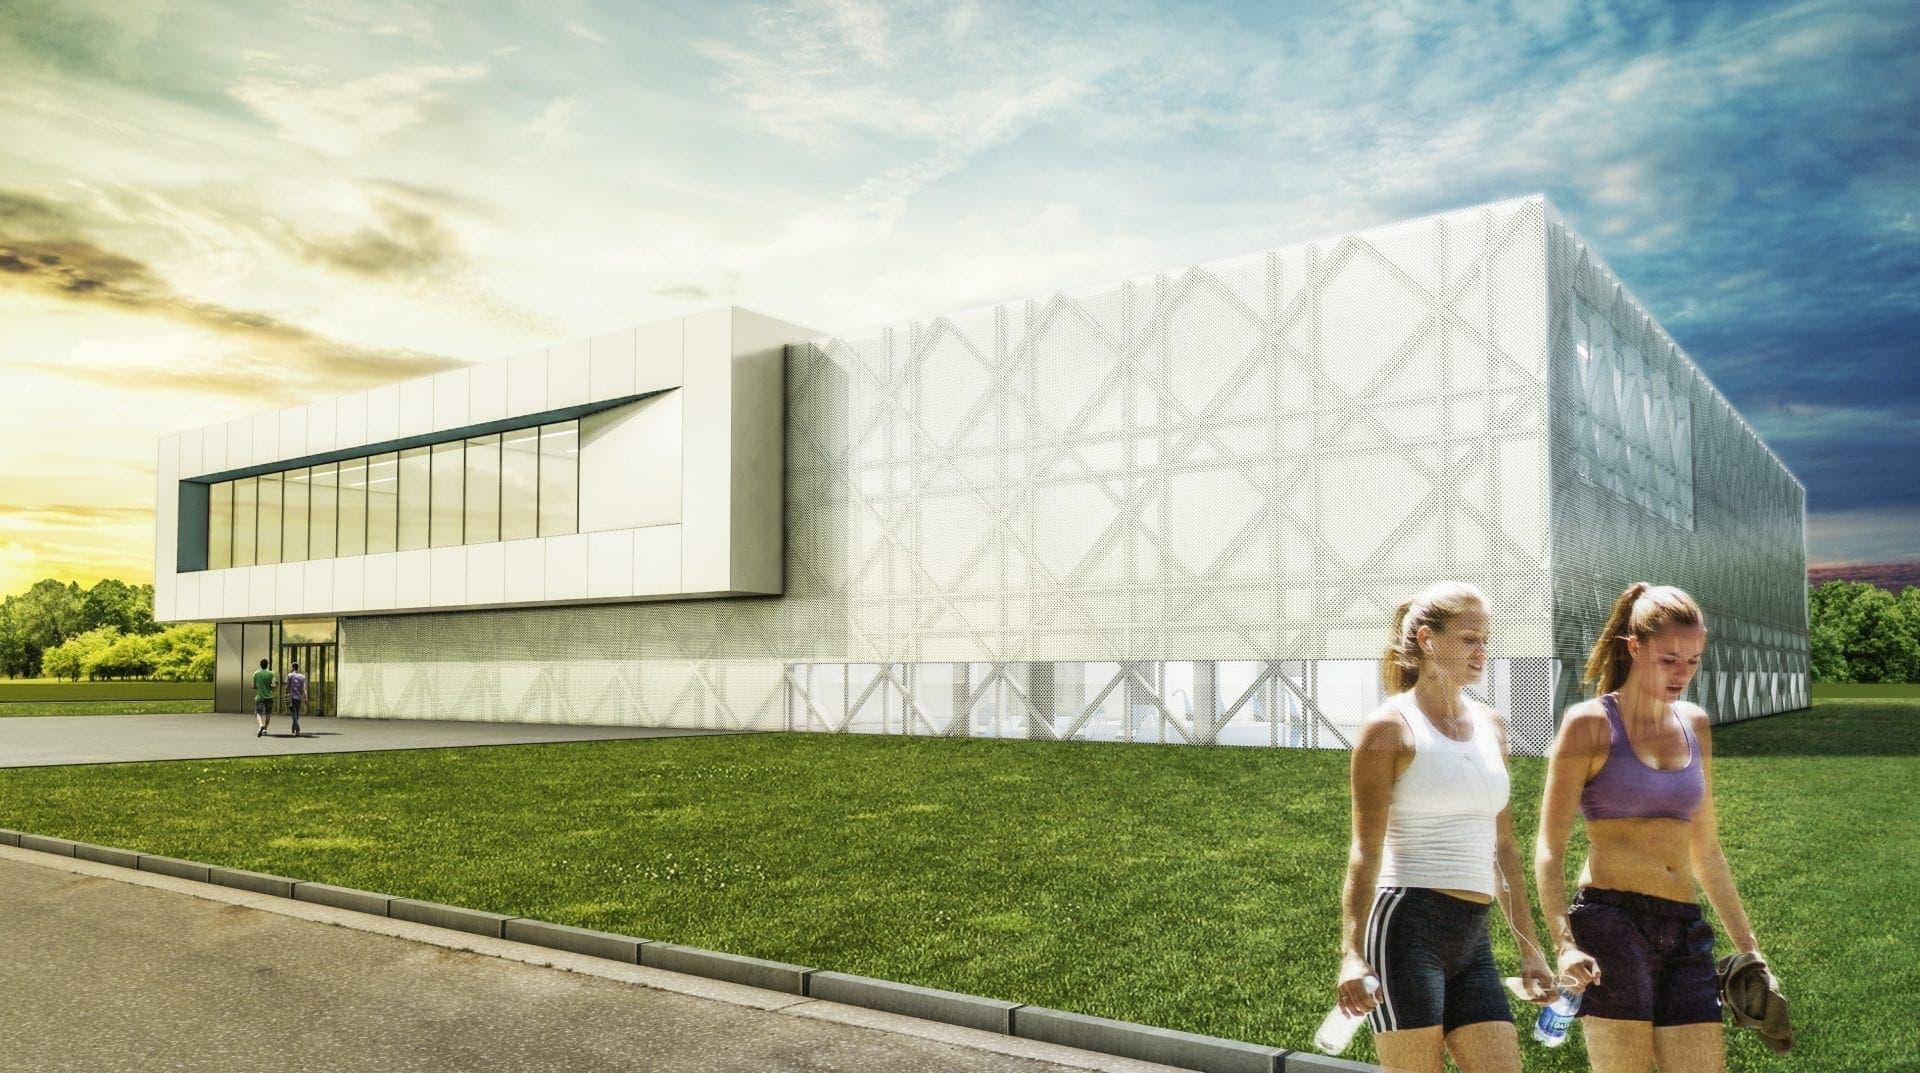 El nuevo centro deportivo en Torrejón de Ardoz